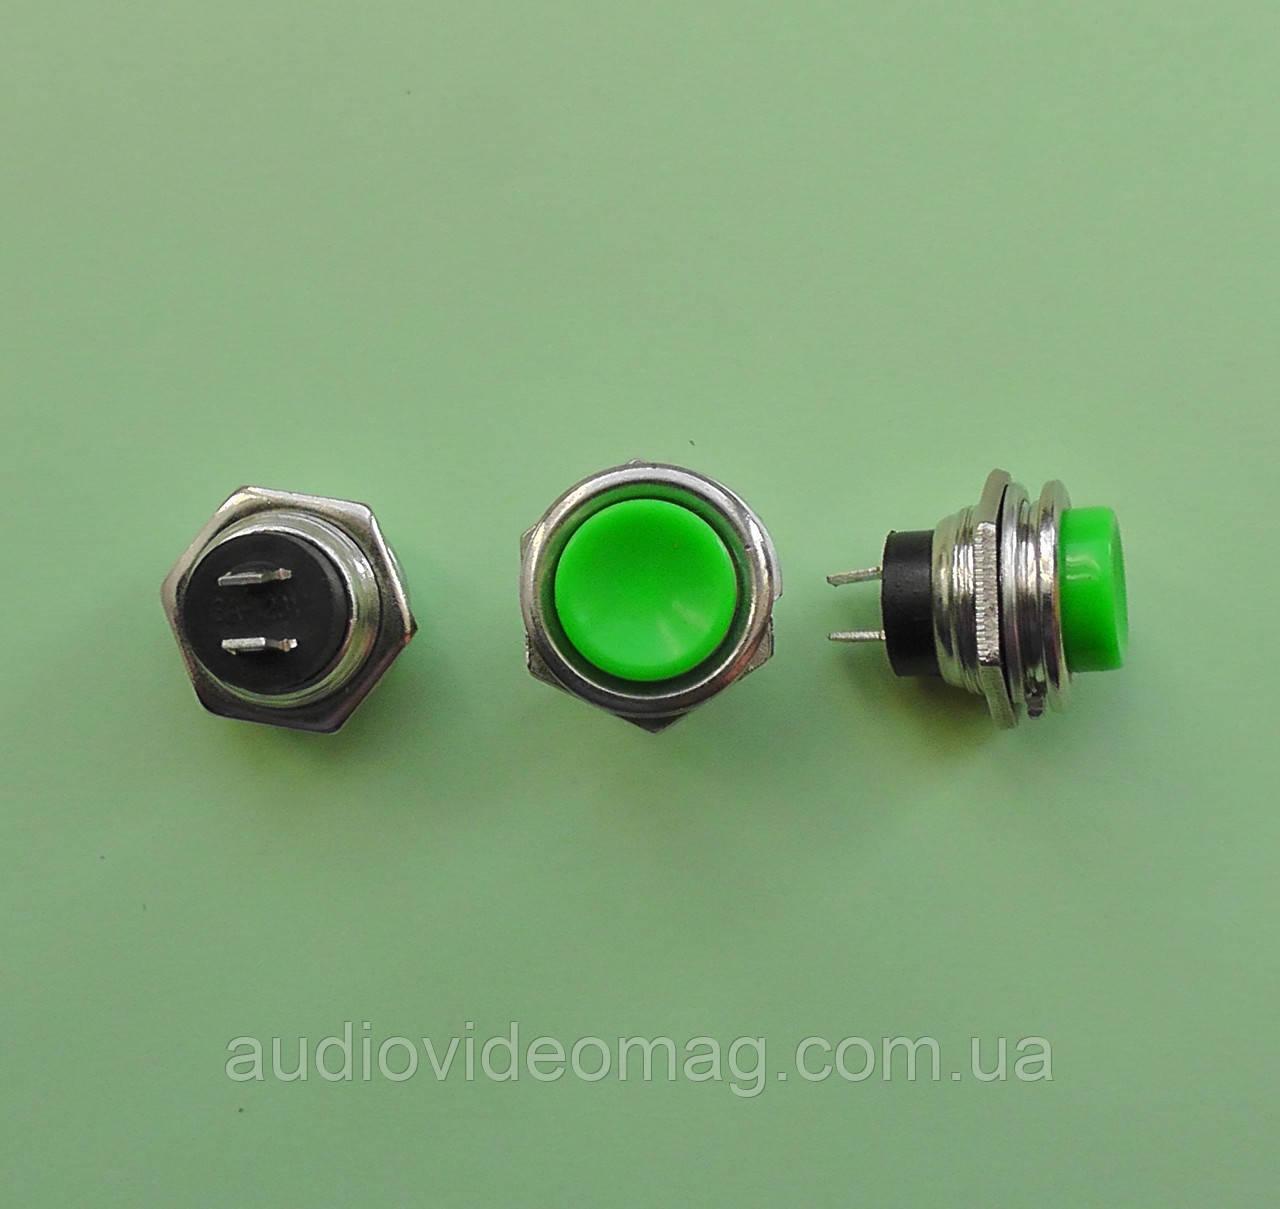 Кнопка пусковая без фиксации, 250V 1,5A , цвет - зелёный